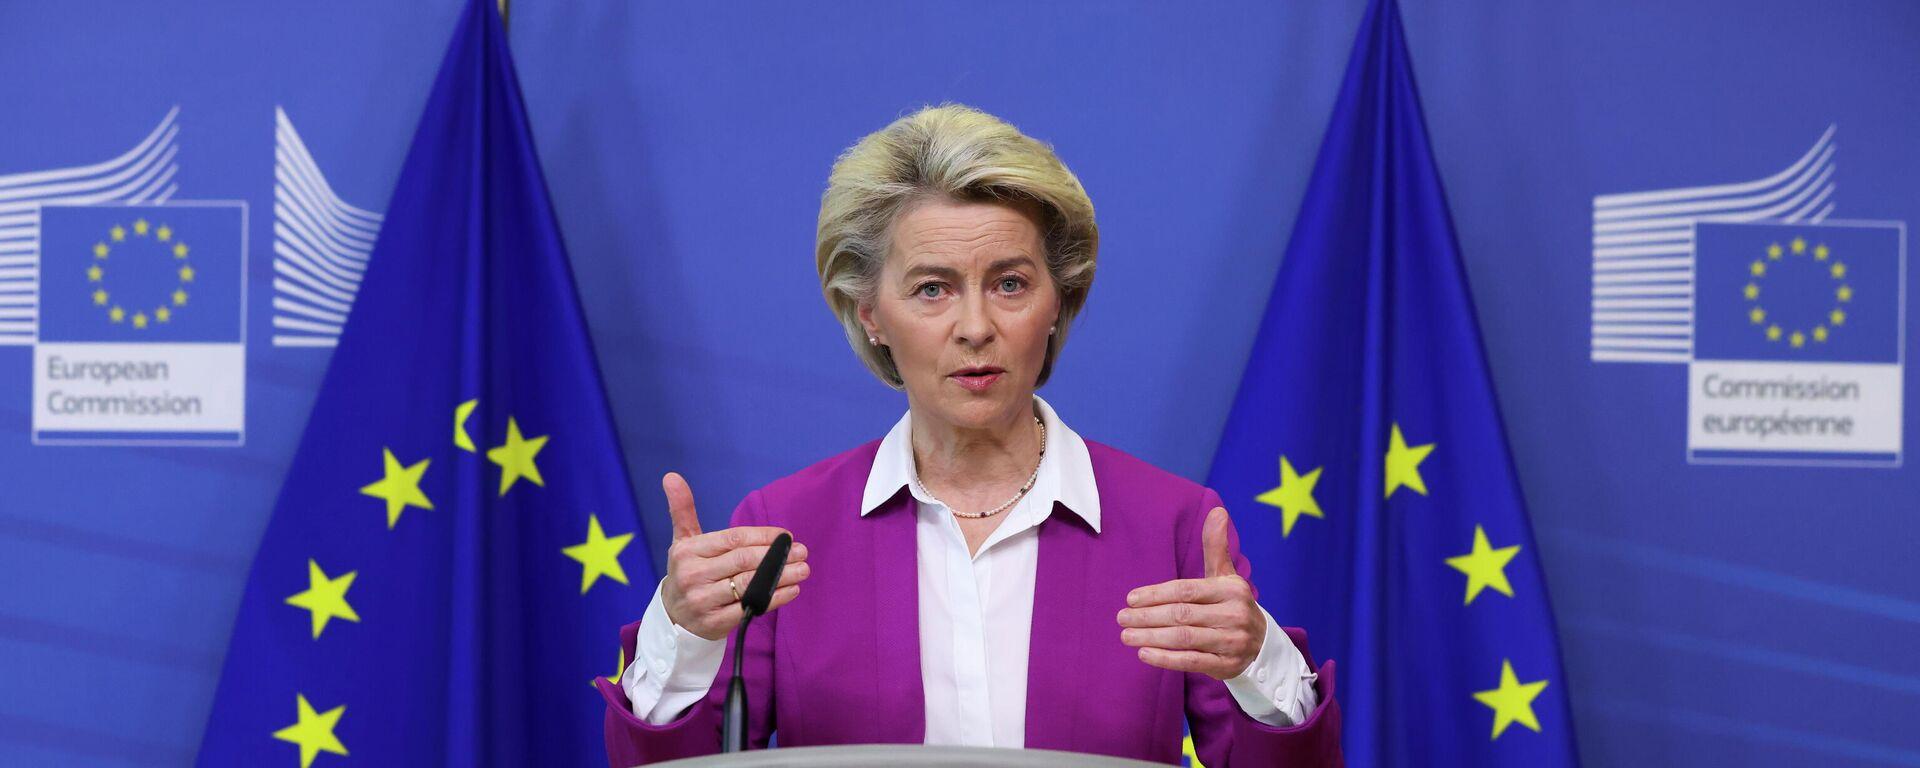 EU-Kommissionspräsidentin Ursula von der Leyen - SNA, 1920, 18.10.2021